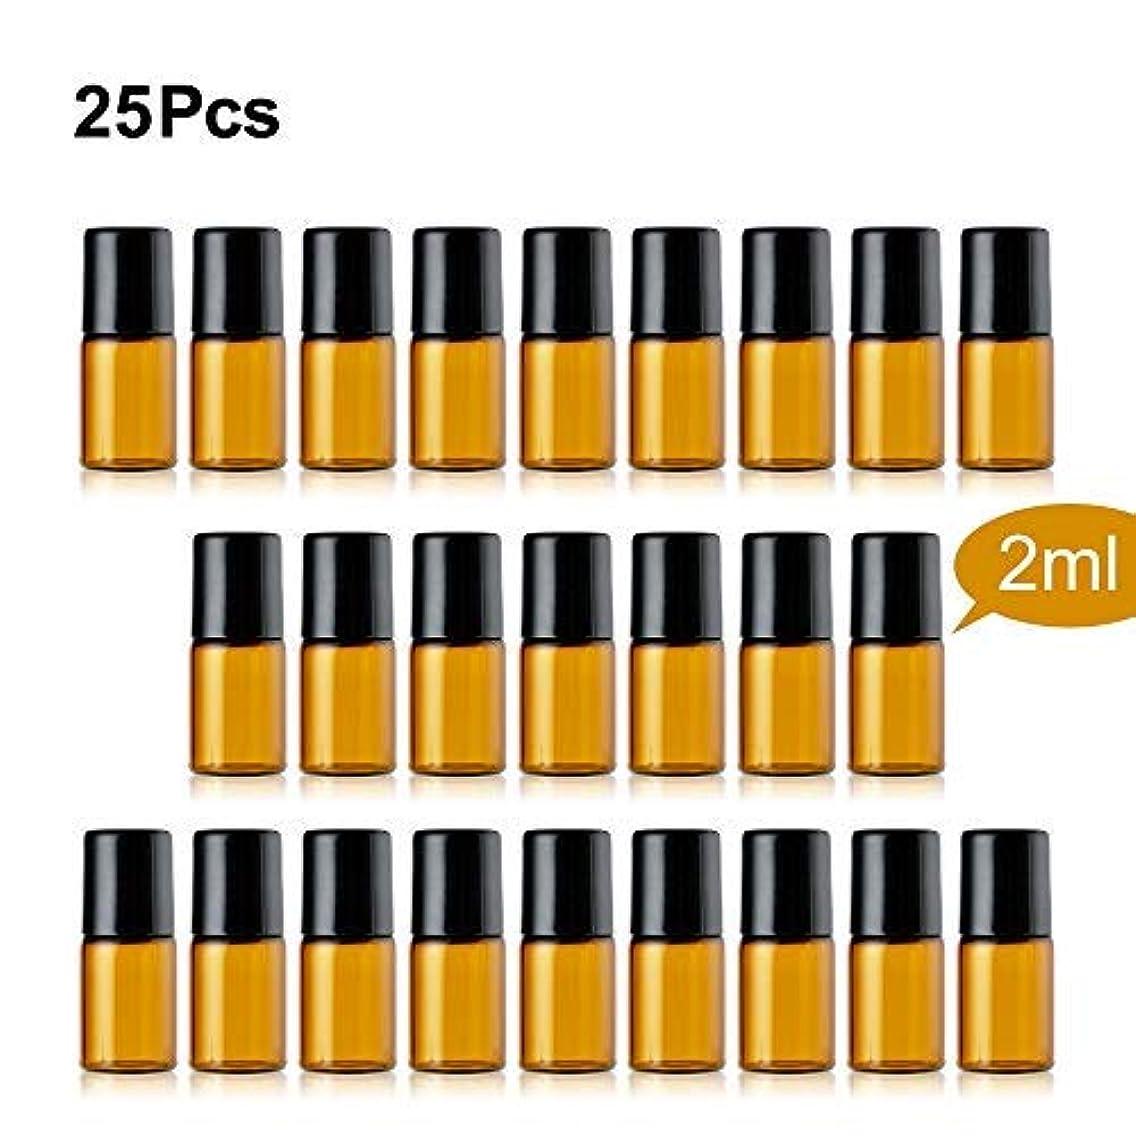 地平線お客様アコーTTBD Roller Ball Bottles, 25 Pcs 2ml Amber Refillable Essential Oil Roller Bottles with Stainless Steel Roller Balls & Black Caps [並行輸入品]